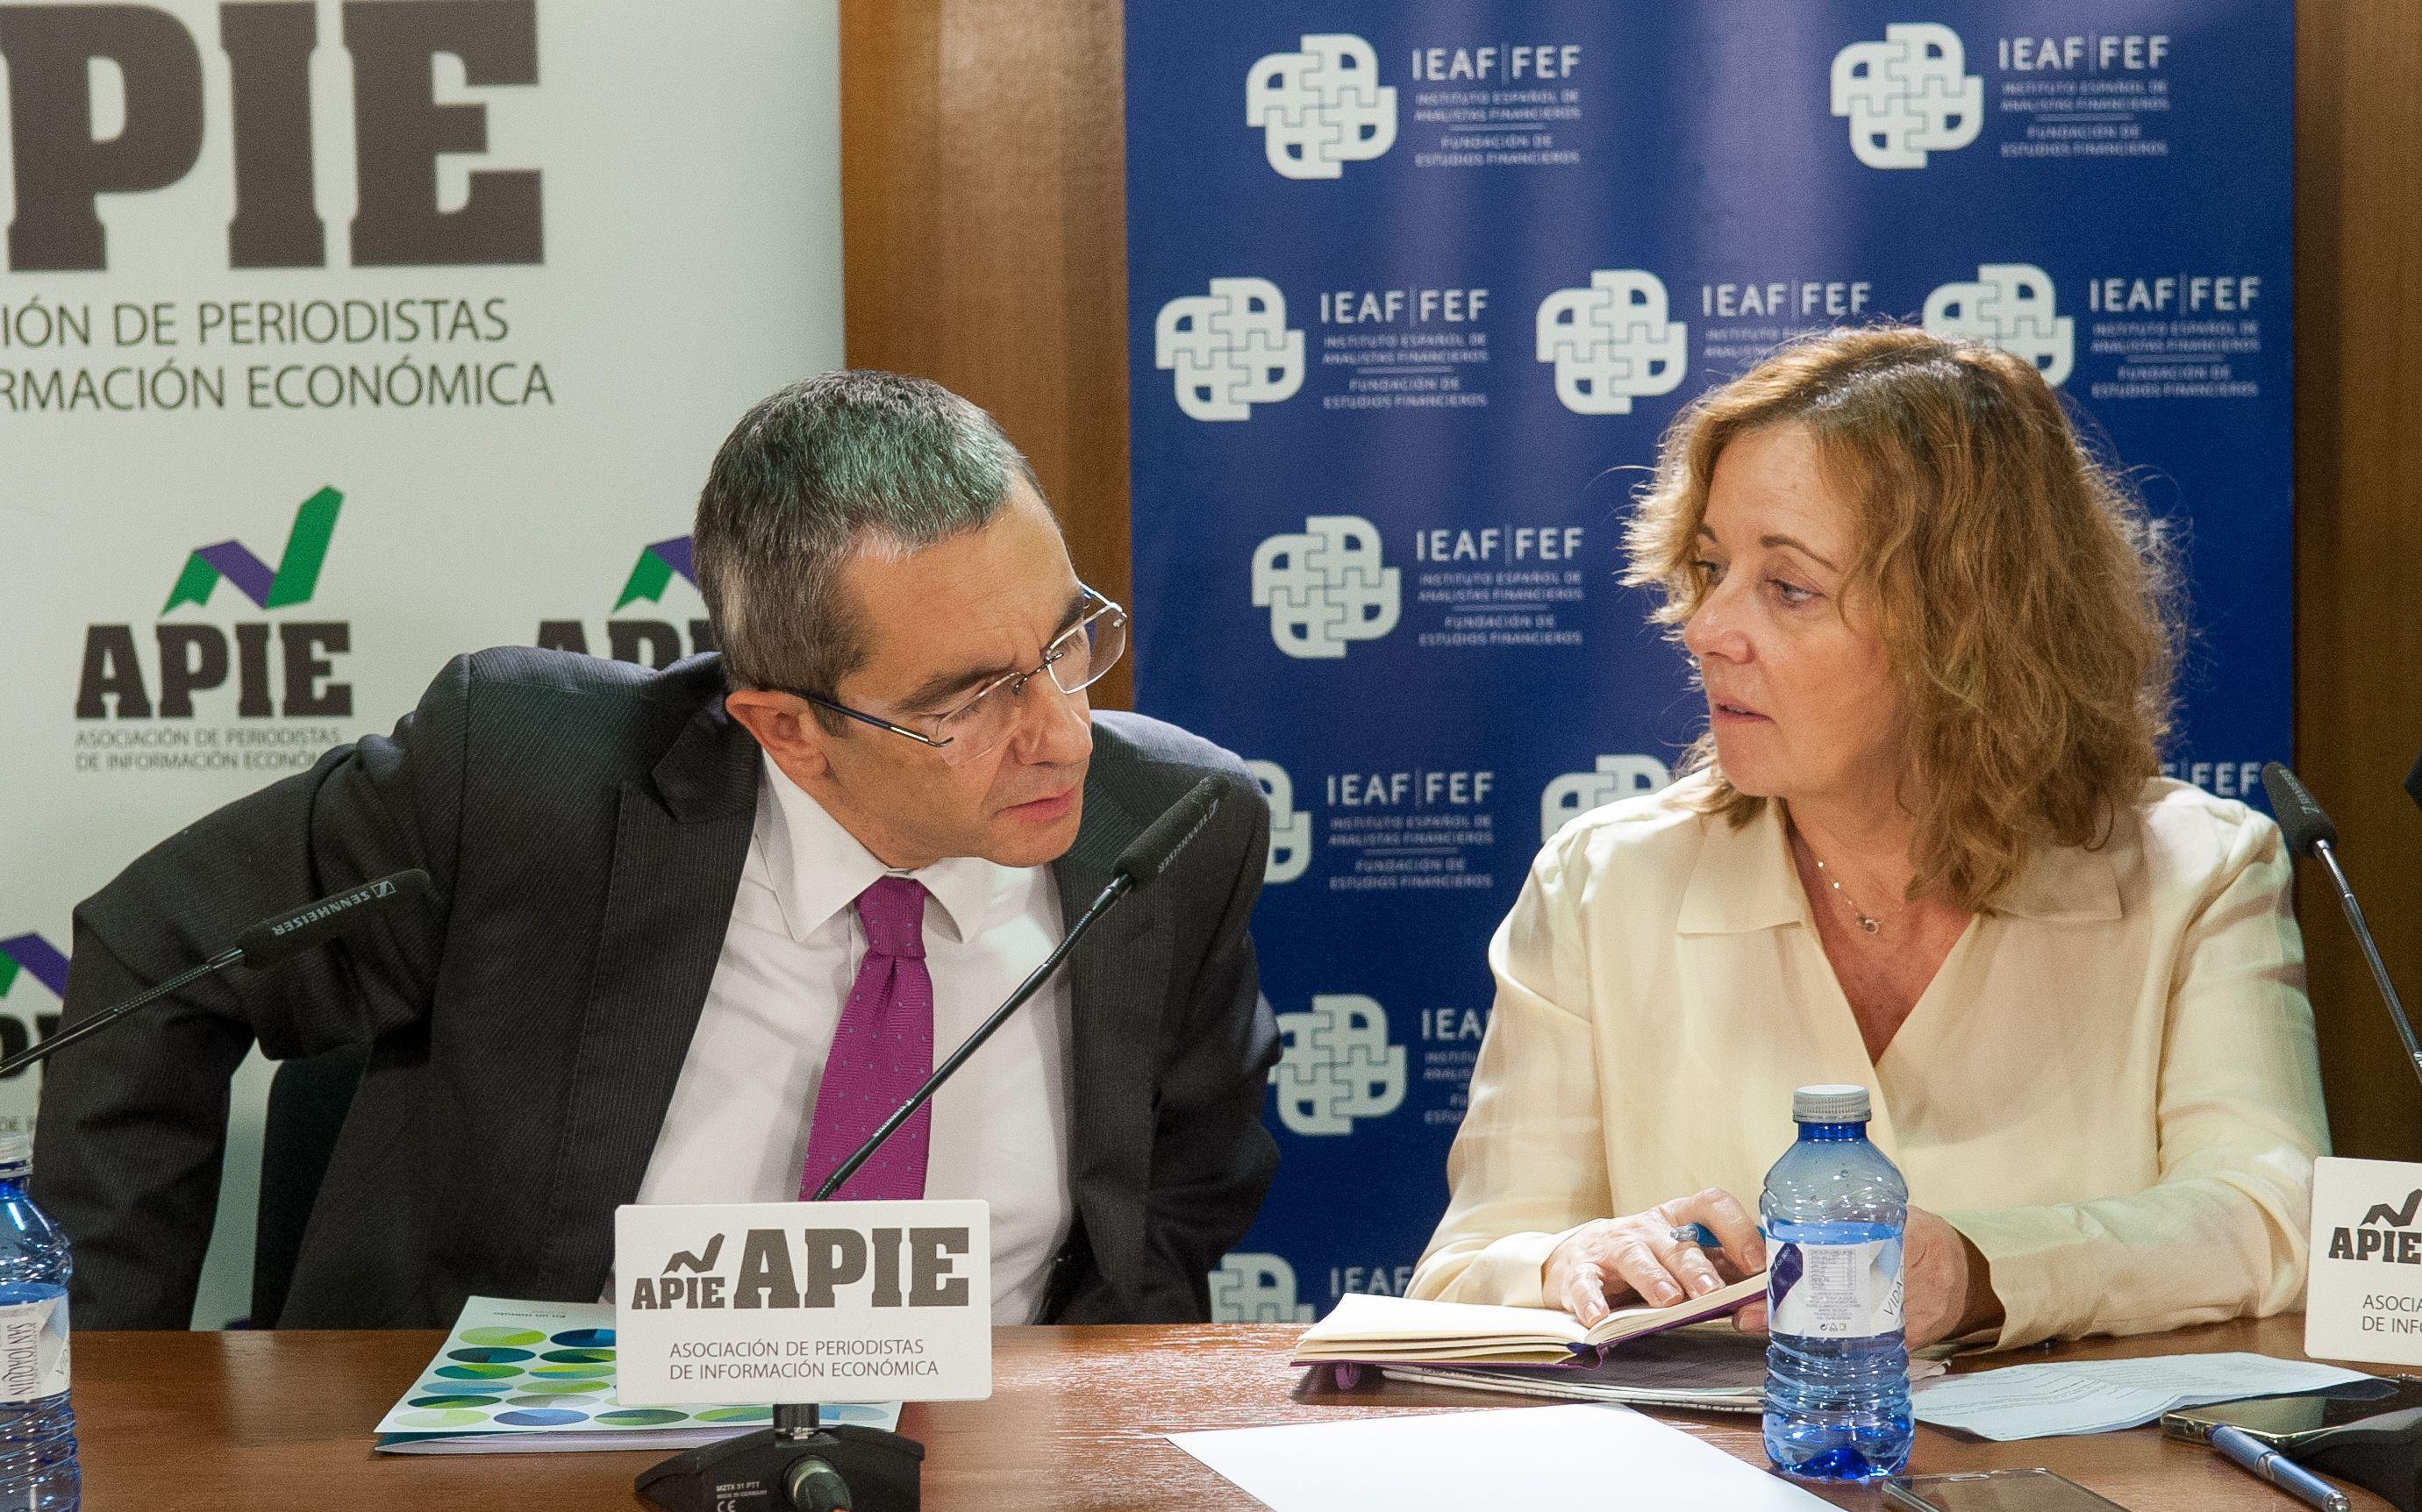 Jorge Yzaguirre, presidente de IEAF-FEF, y Amparo Estrada, vicepresidenta de APIE, en las II Jornadas sobre Resolución Bancaria organizadas por IEAF-FEF y APIE.